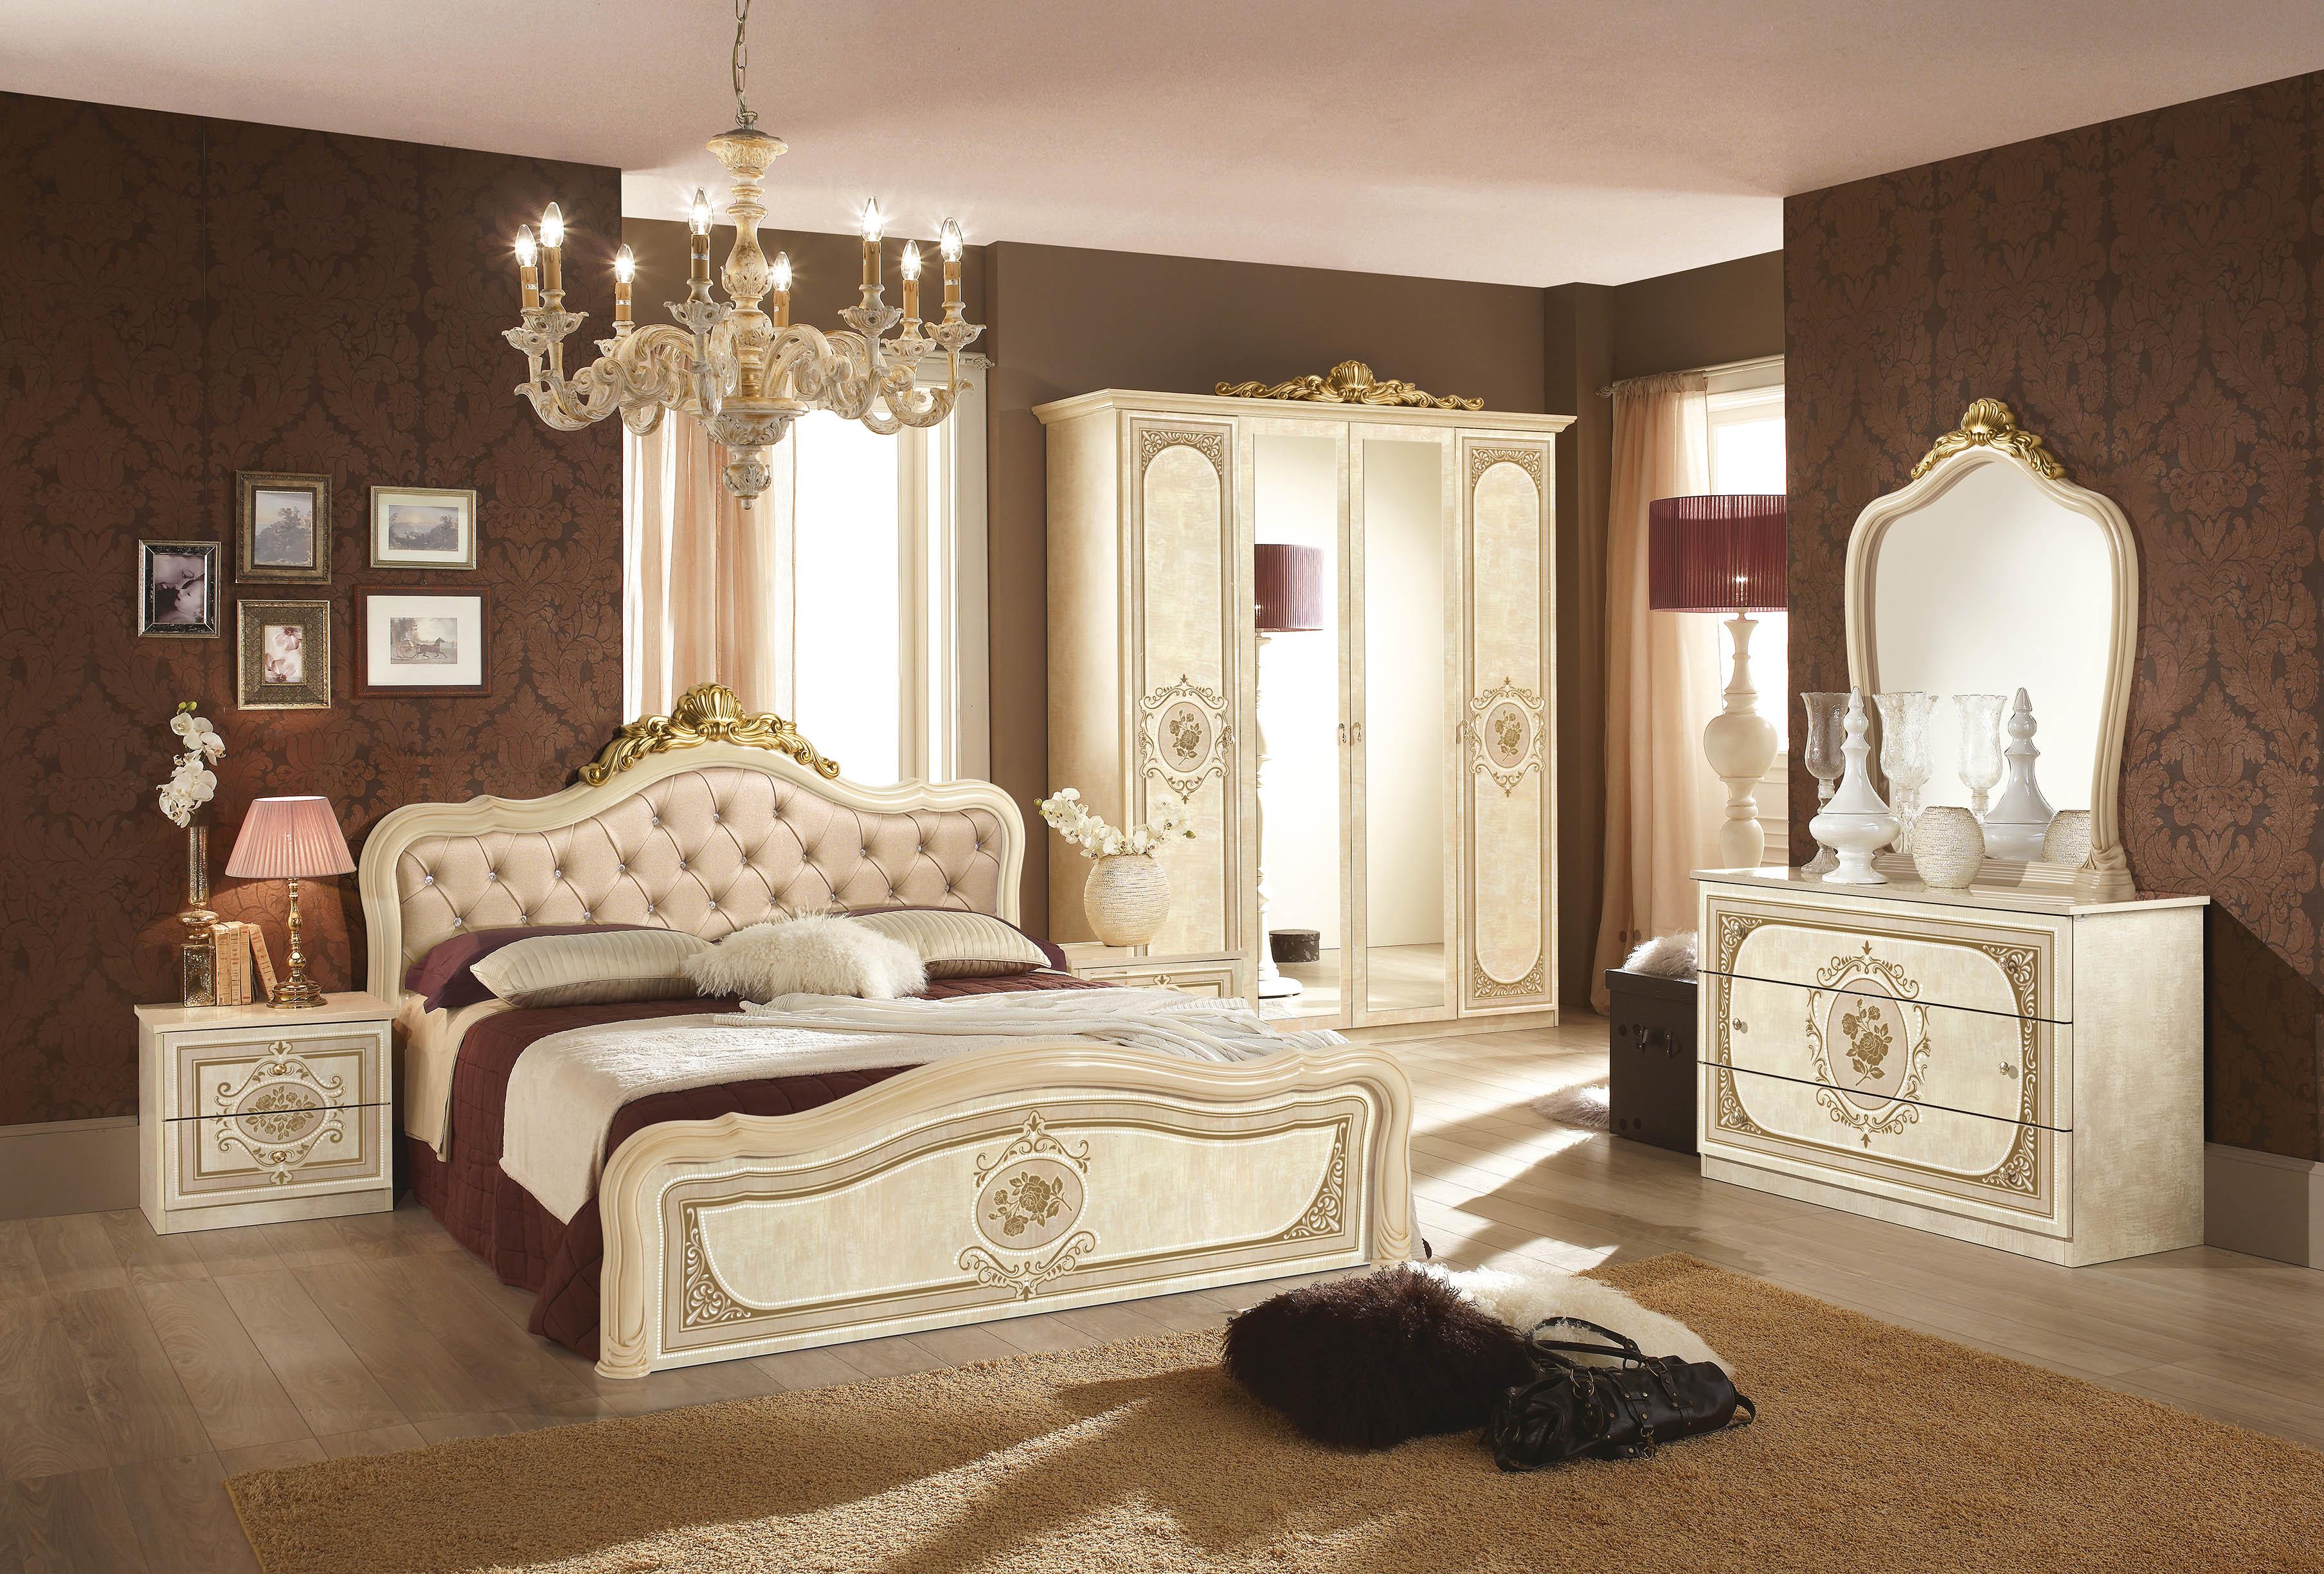 Schlafzimmer Alice In Creme Beige Barock Polsterung  180x200cm XP_PFALCCA4CBe18